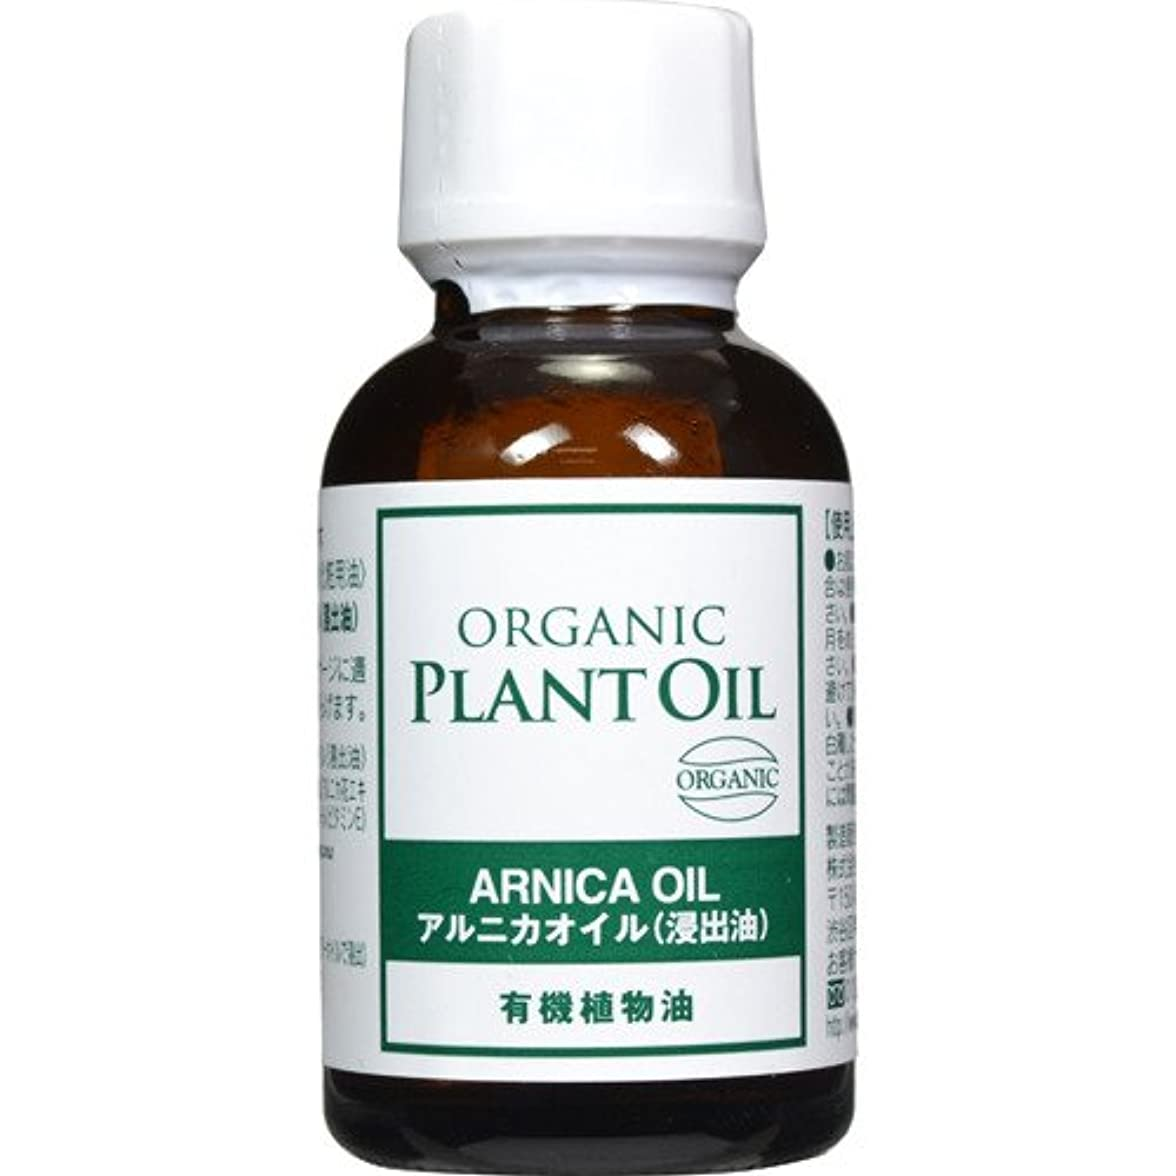 政策眉をひそめる花束生活の木 有機アルニカオイル(浸出油) 25ml